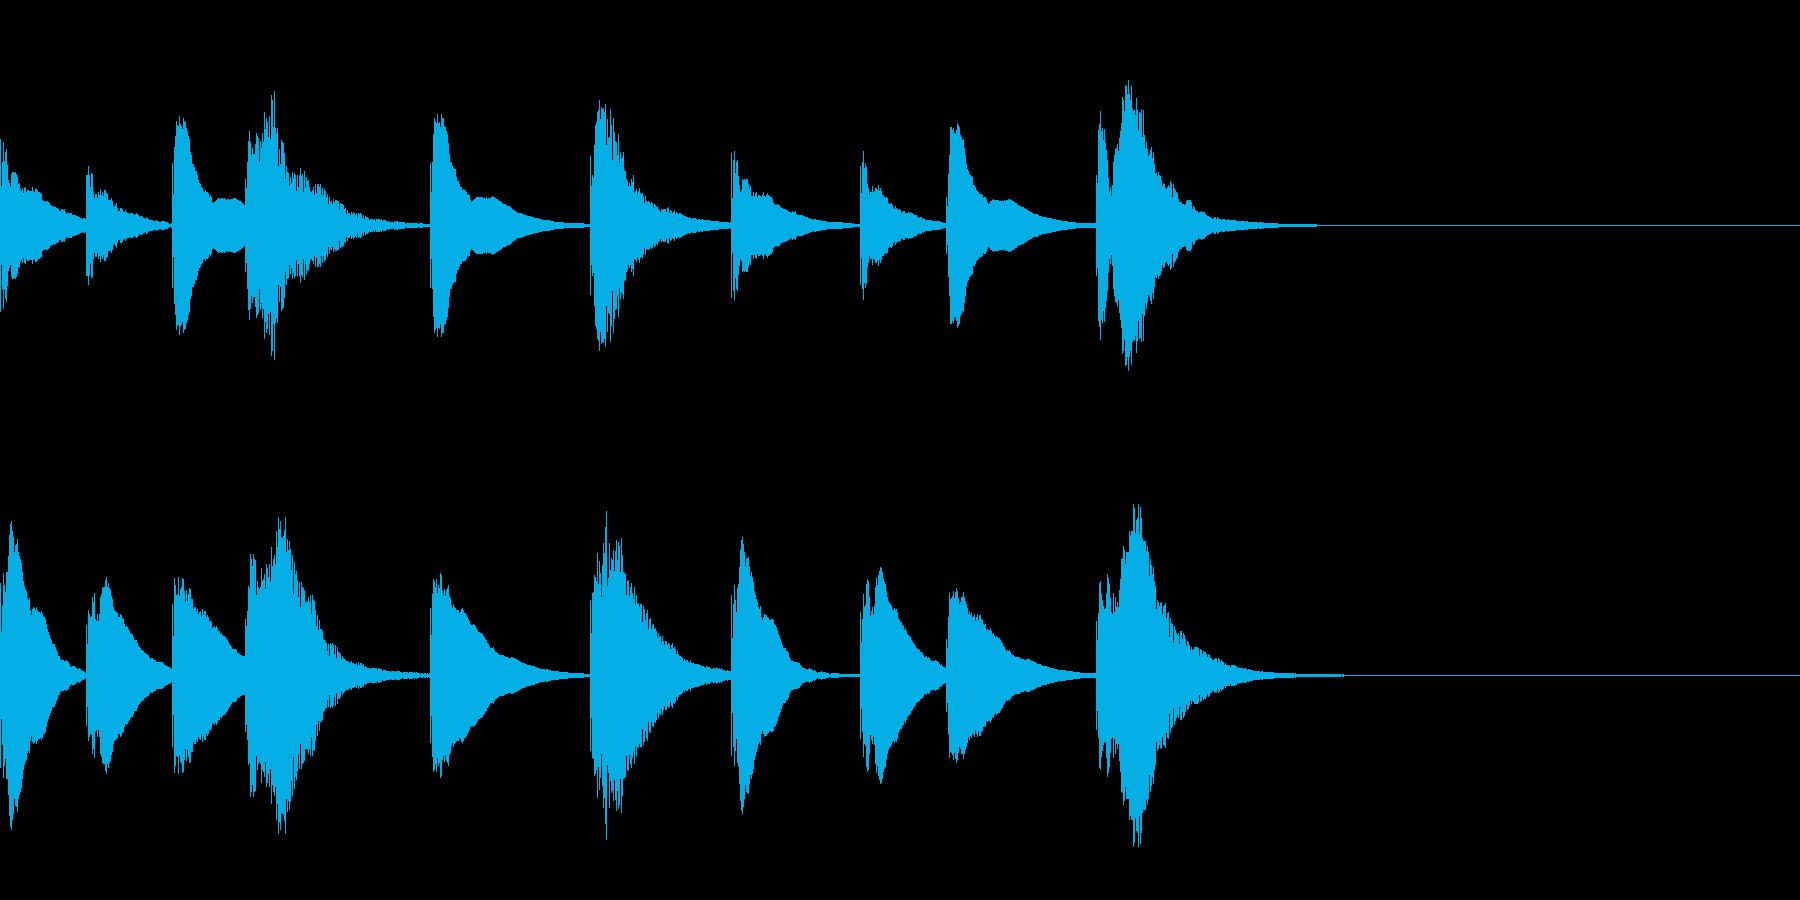 シロフォンの勇敢な5秒ジングルの再生済みの波形